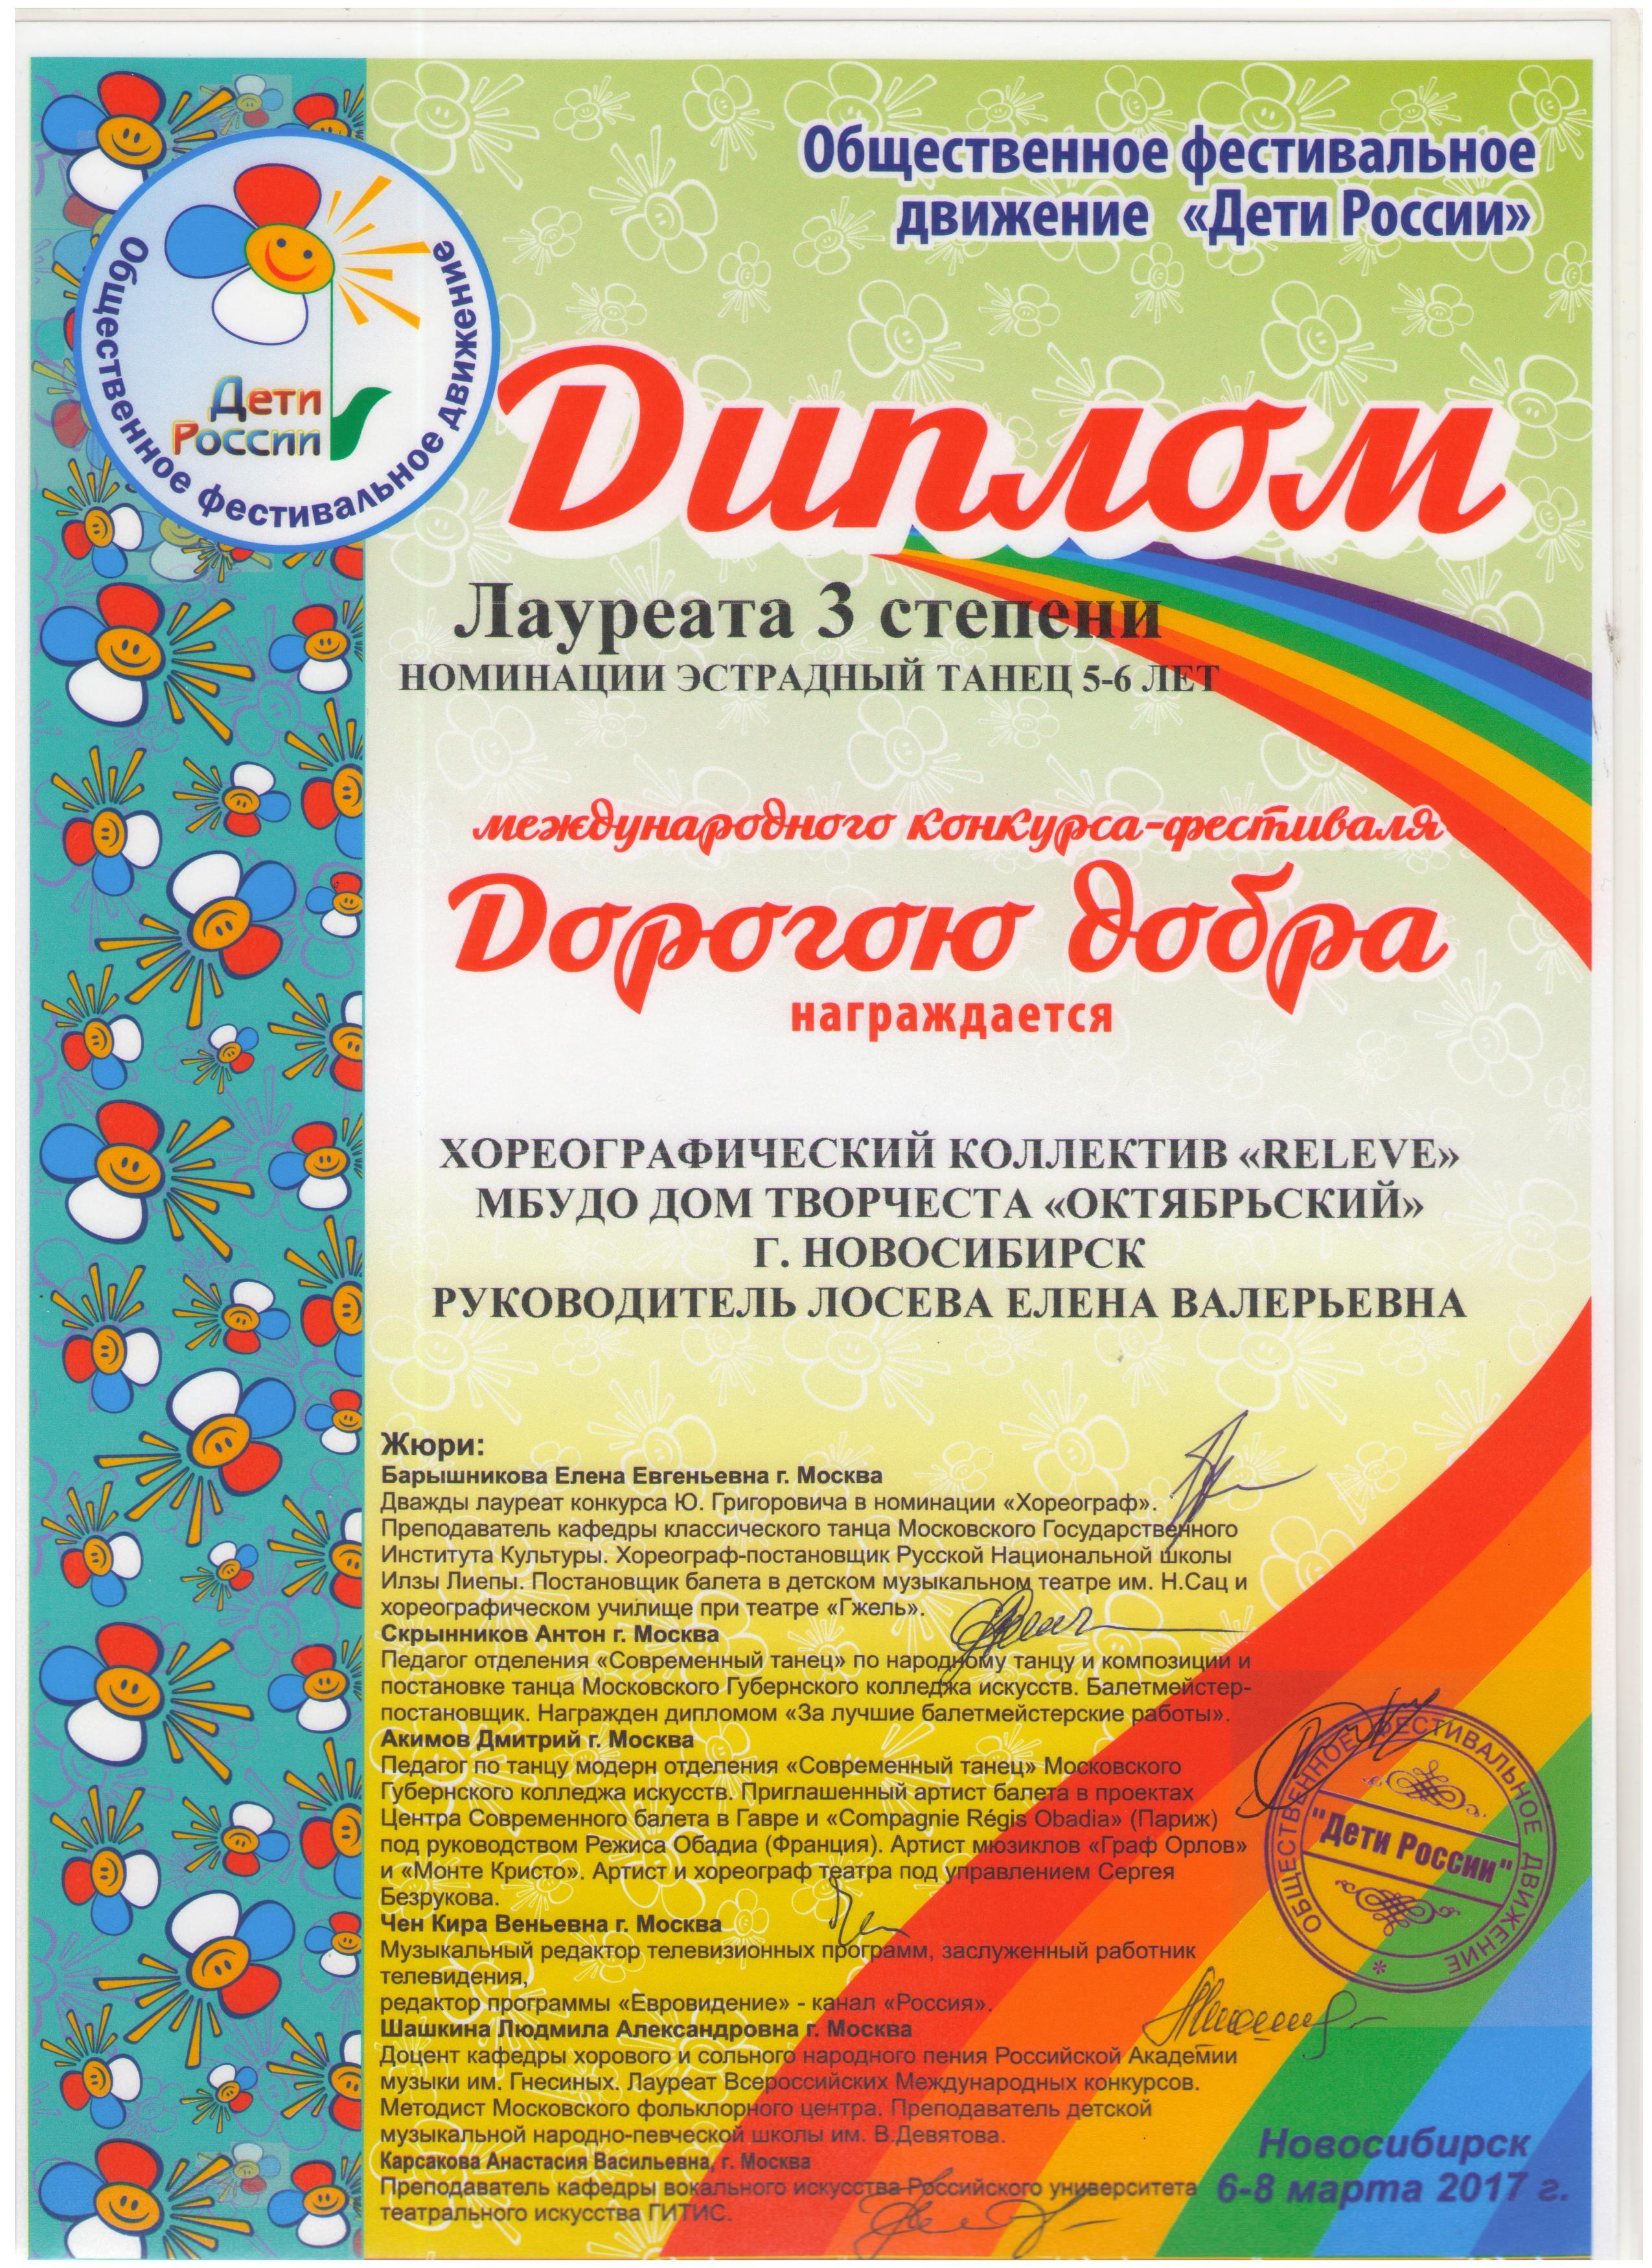 Laureat-3-stepeni_Dorogoyu-dobra_6.03.17-001